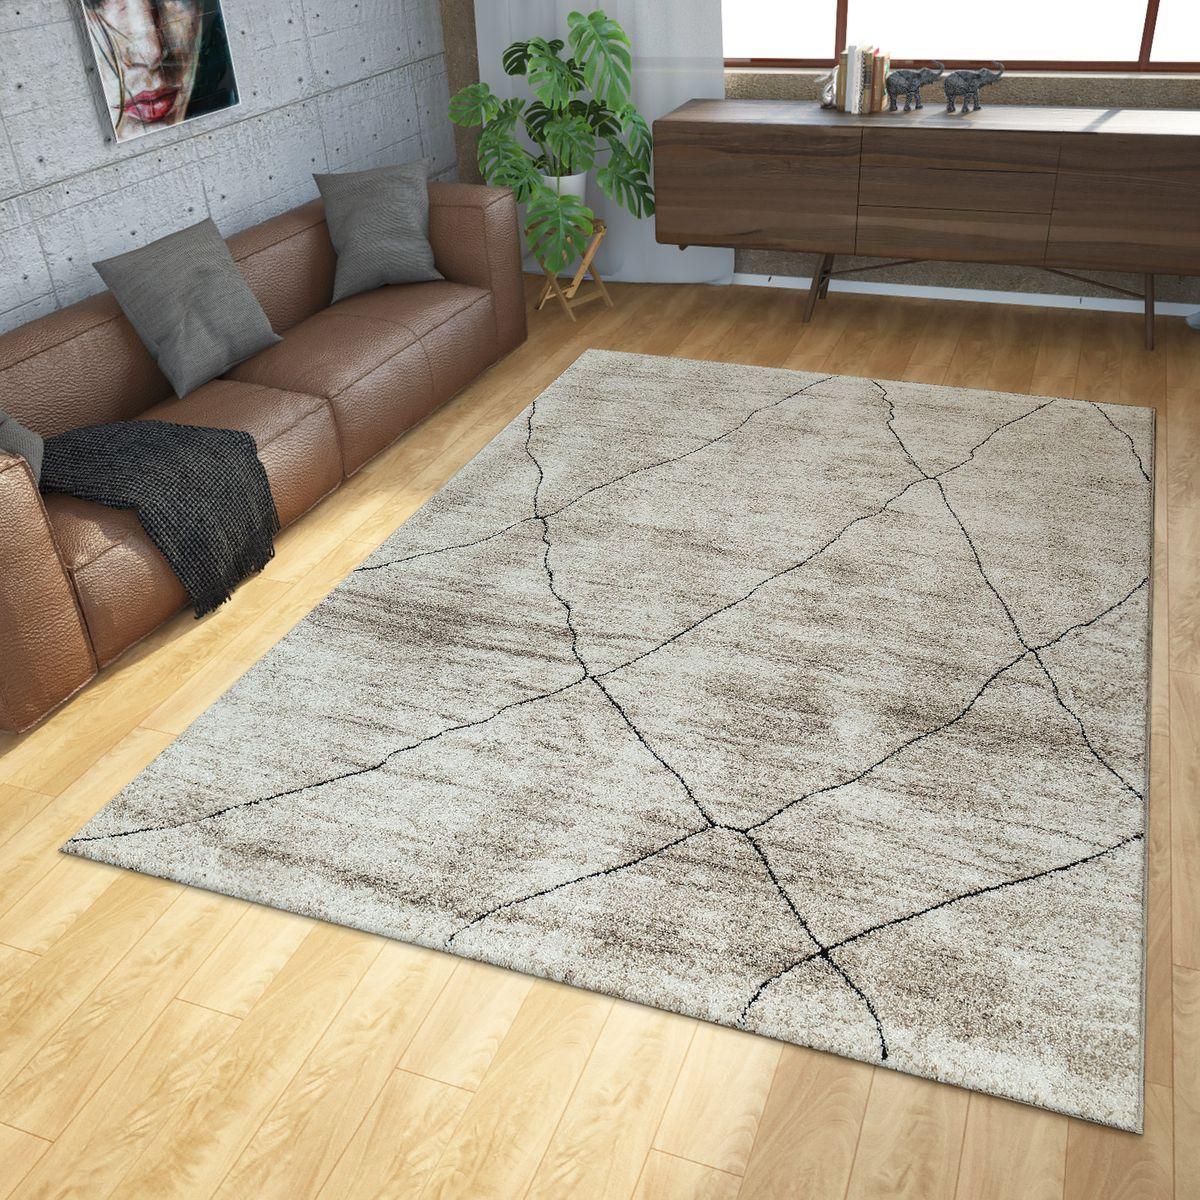 Teppich Modern Ethno Beige Creme (mit Bildern) Teppich